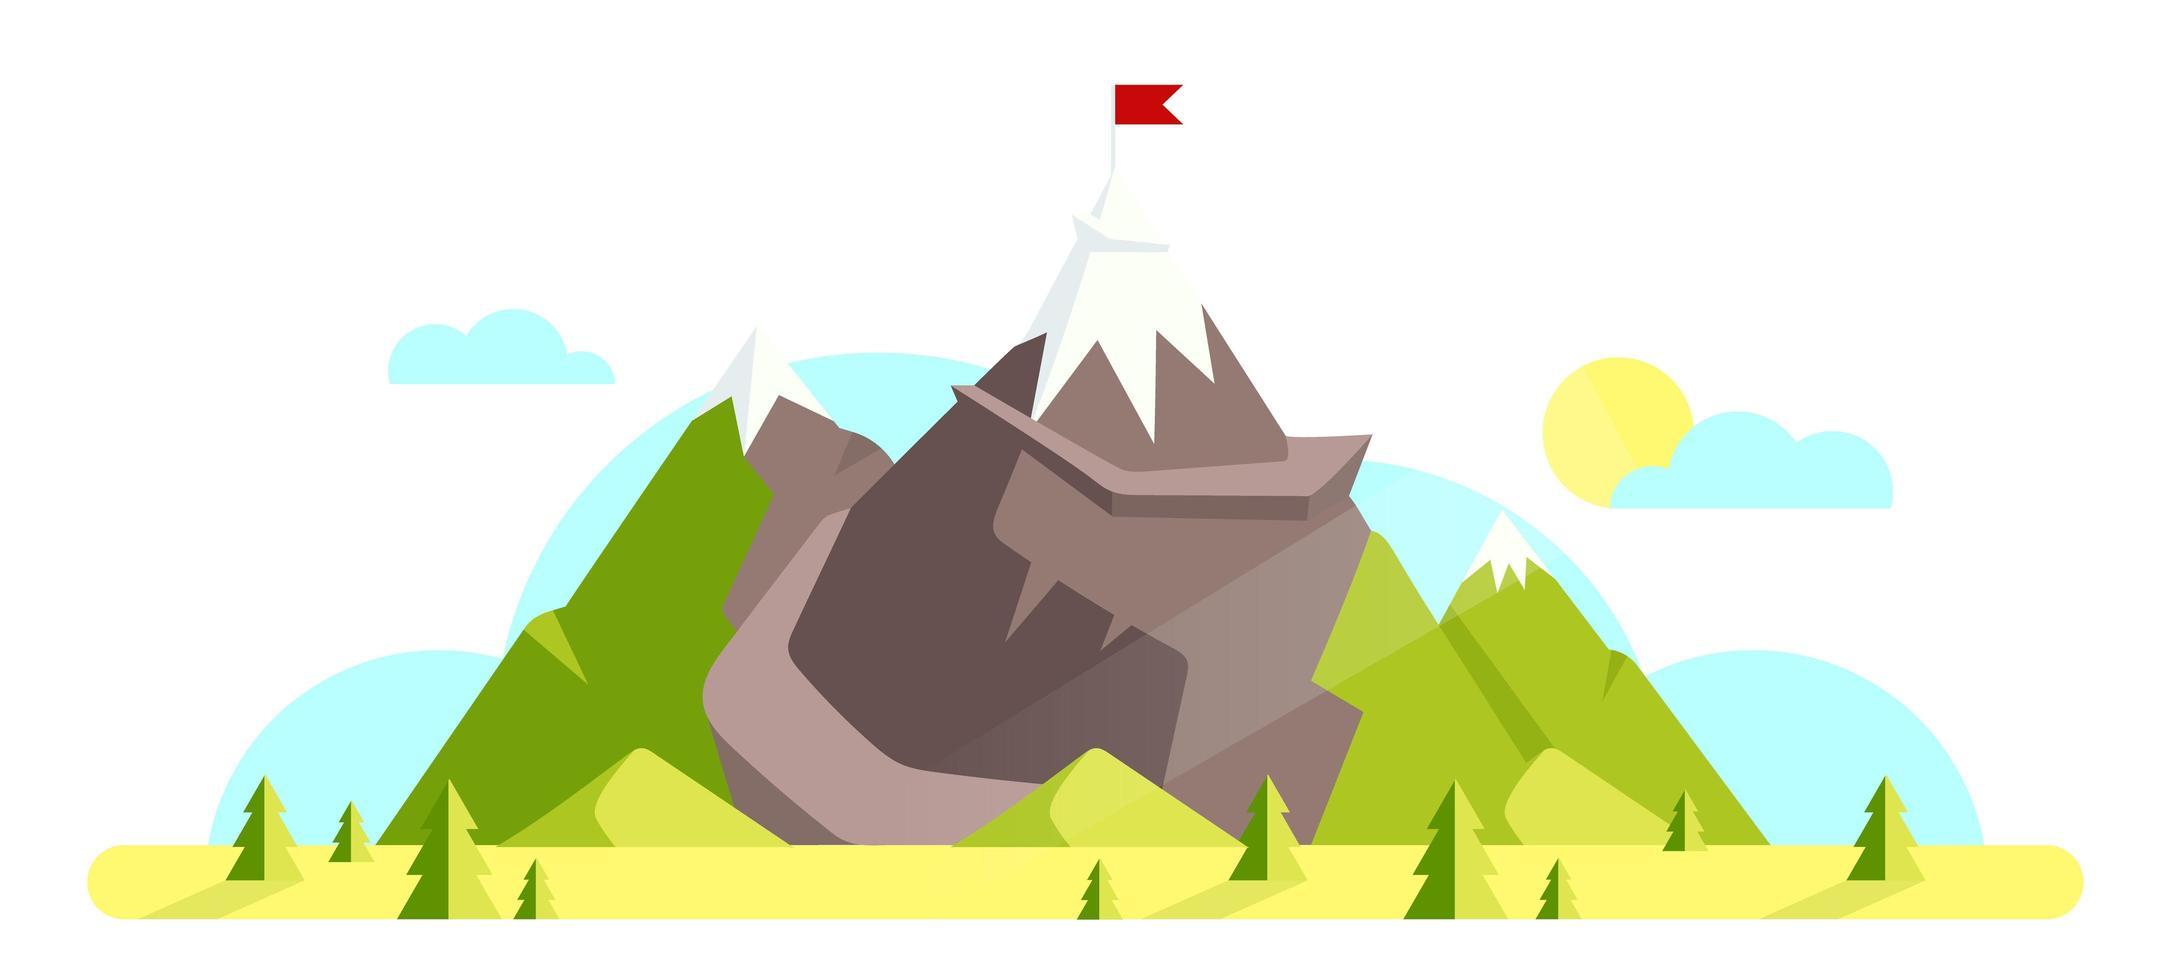 montagna con bandiera rossa in cima vettore